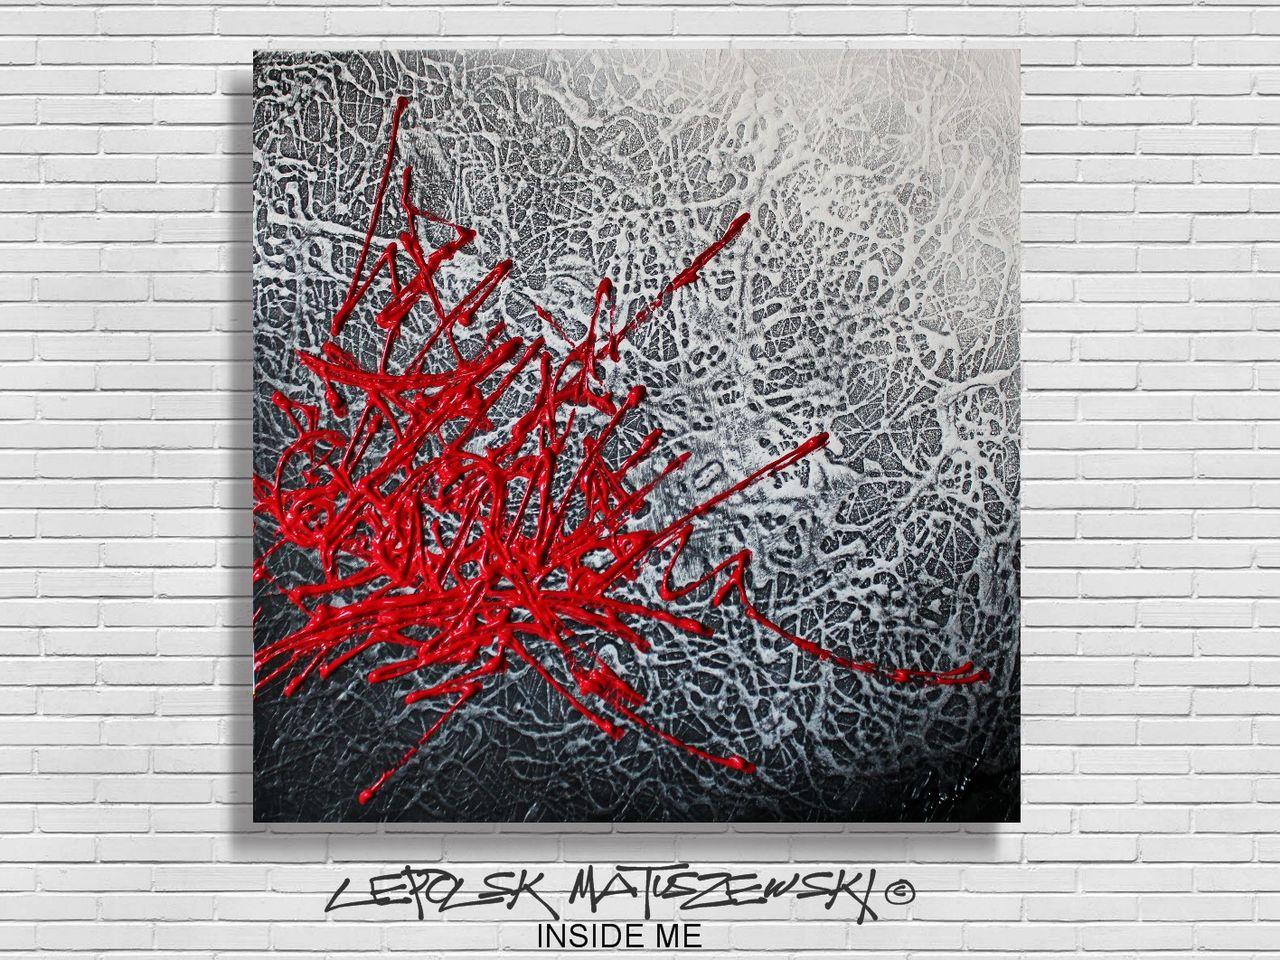 MISTER K  (Lepolsk Matuszewski) INSIDE ME   abstraction lyrique Lepolsk